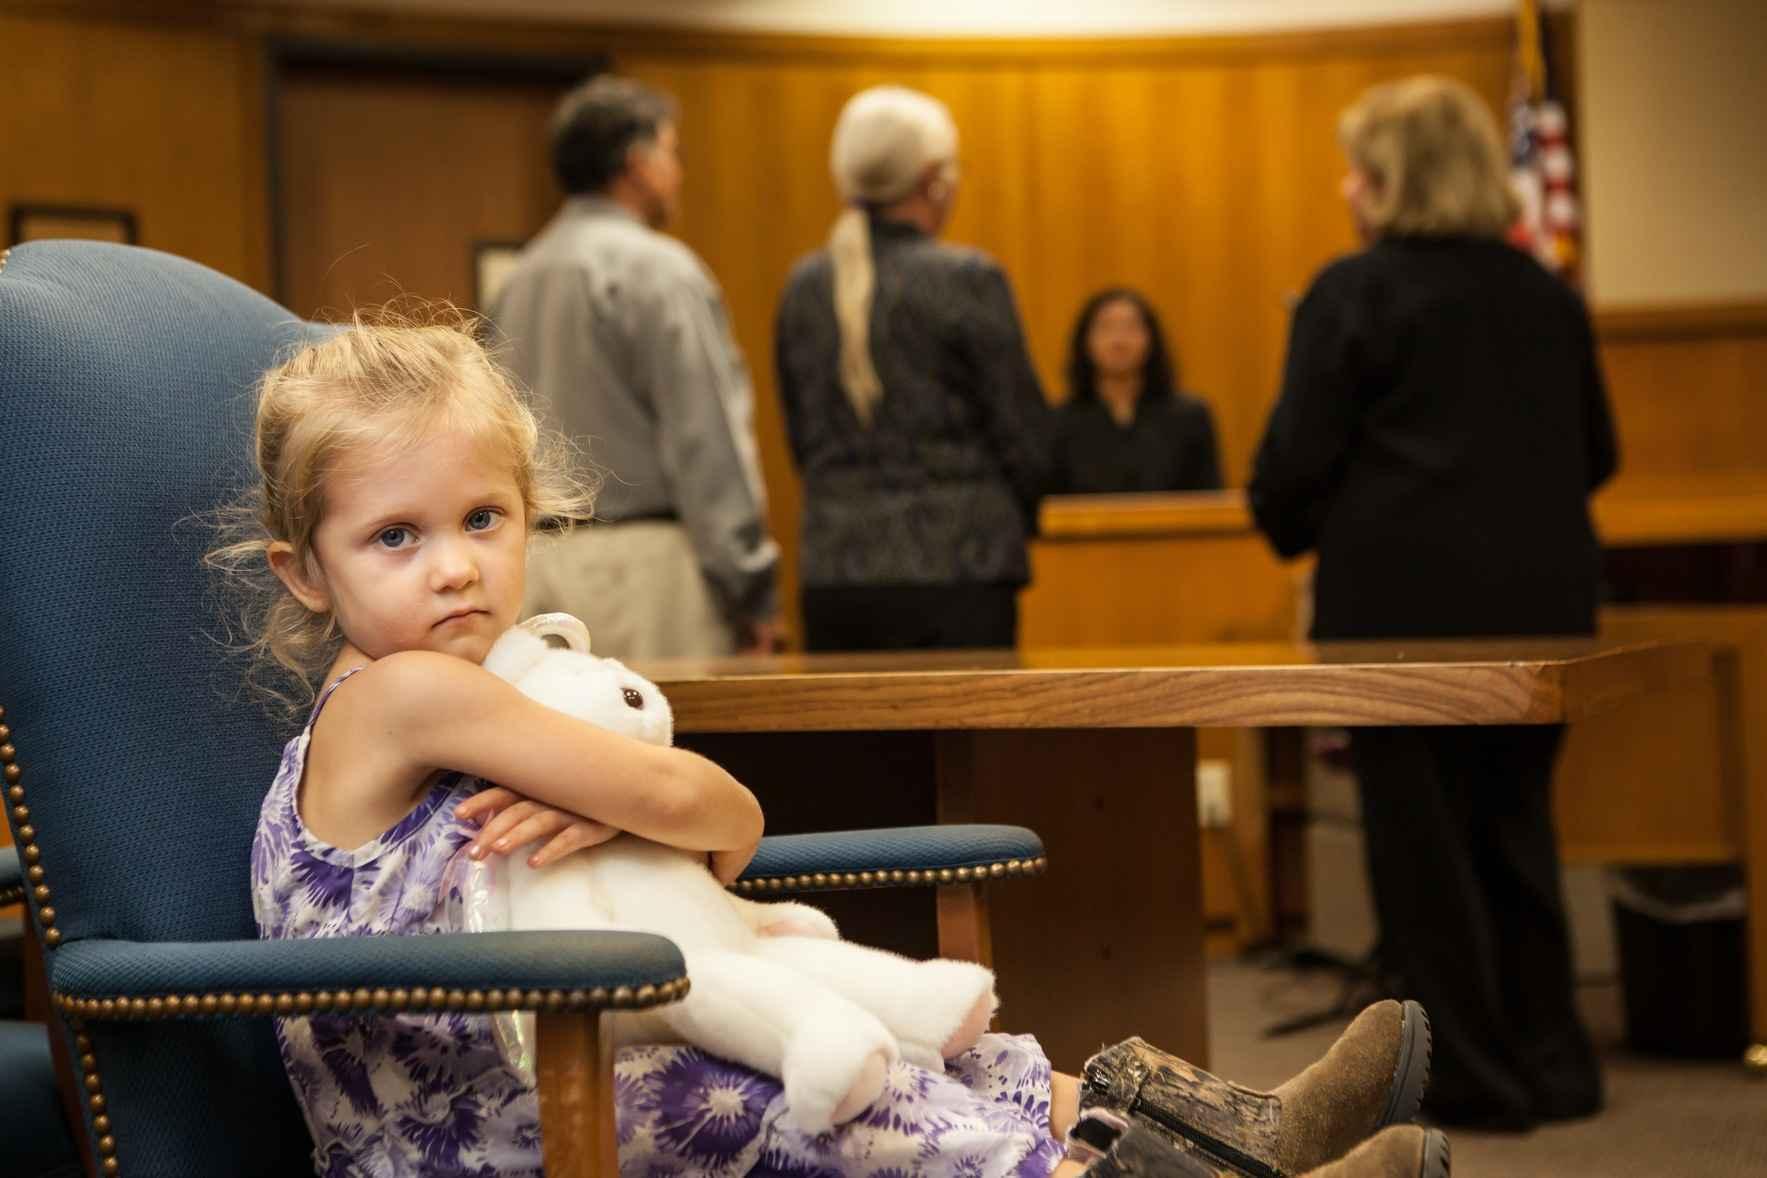 Свидетельство об установлении отцовства: для чего нужно, как выглядит